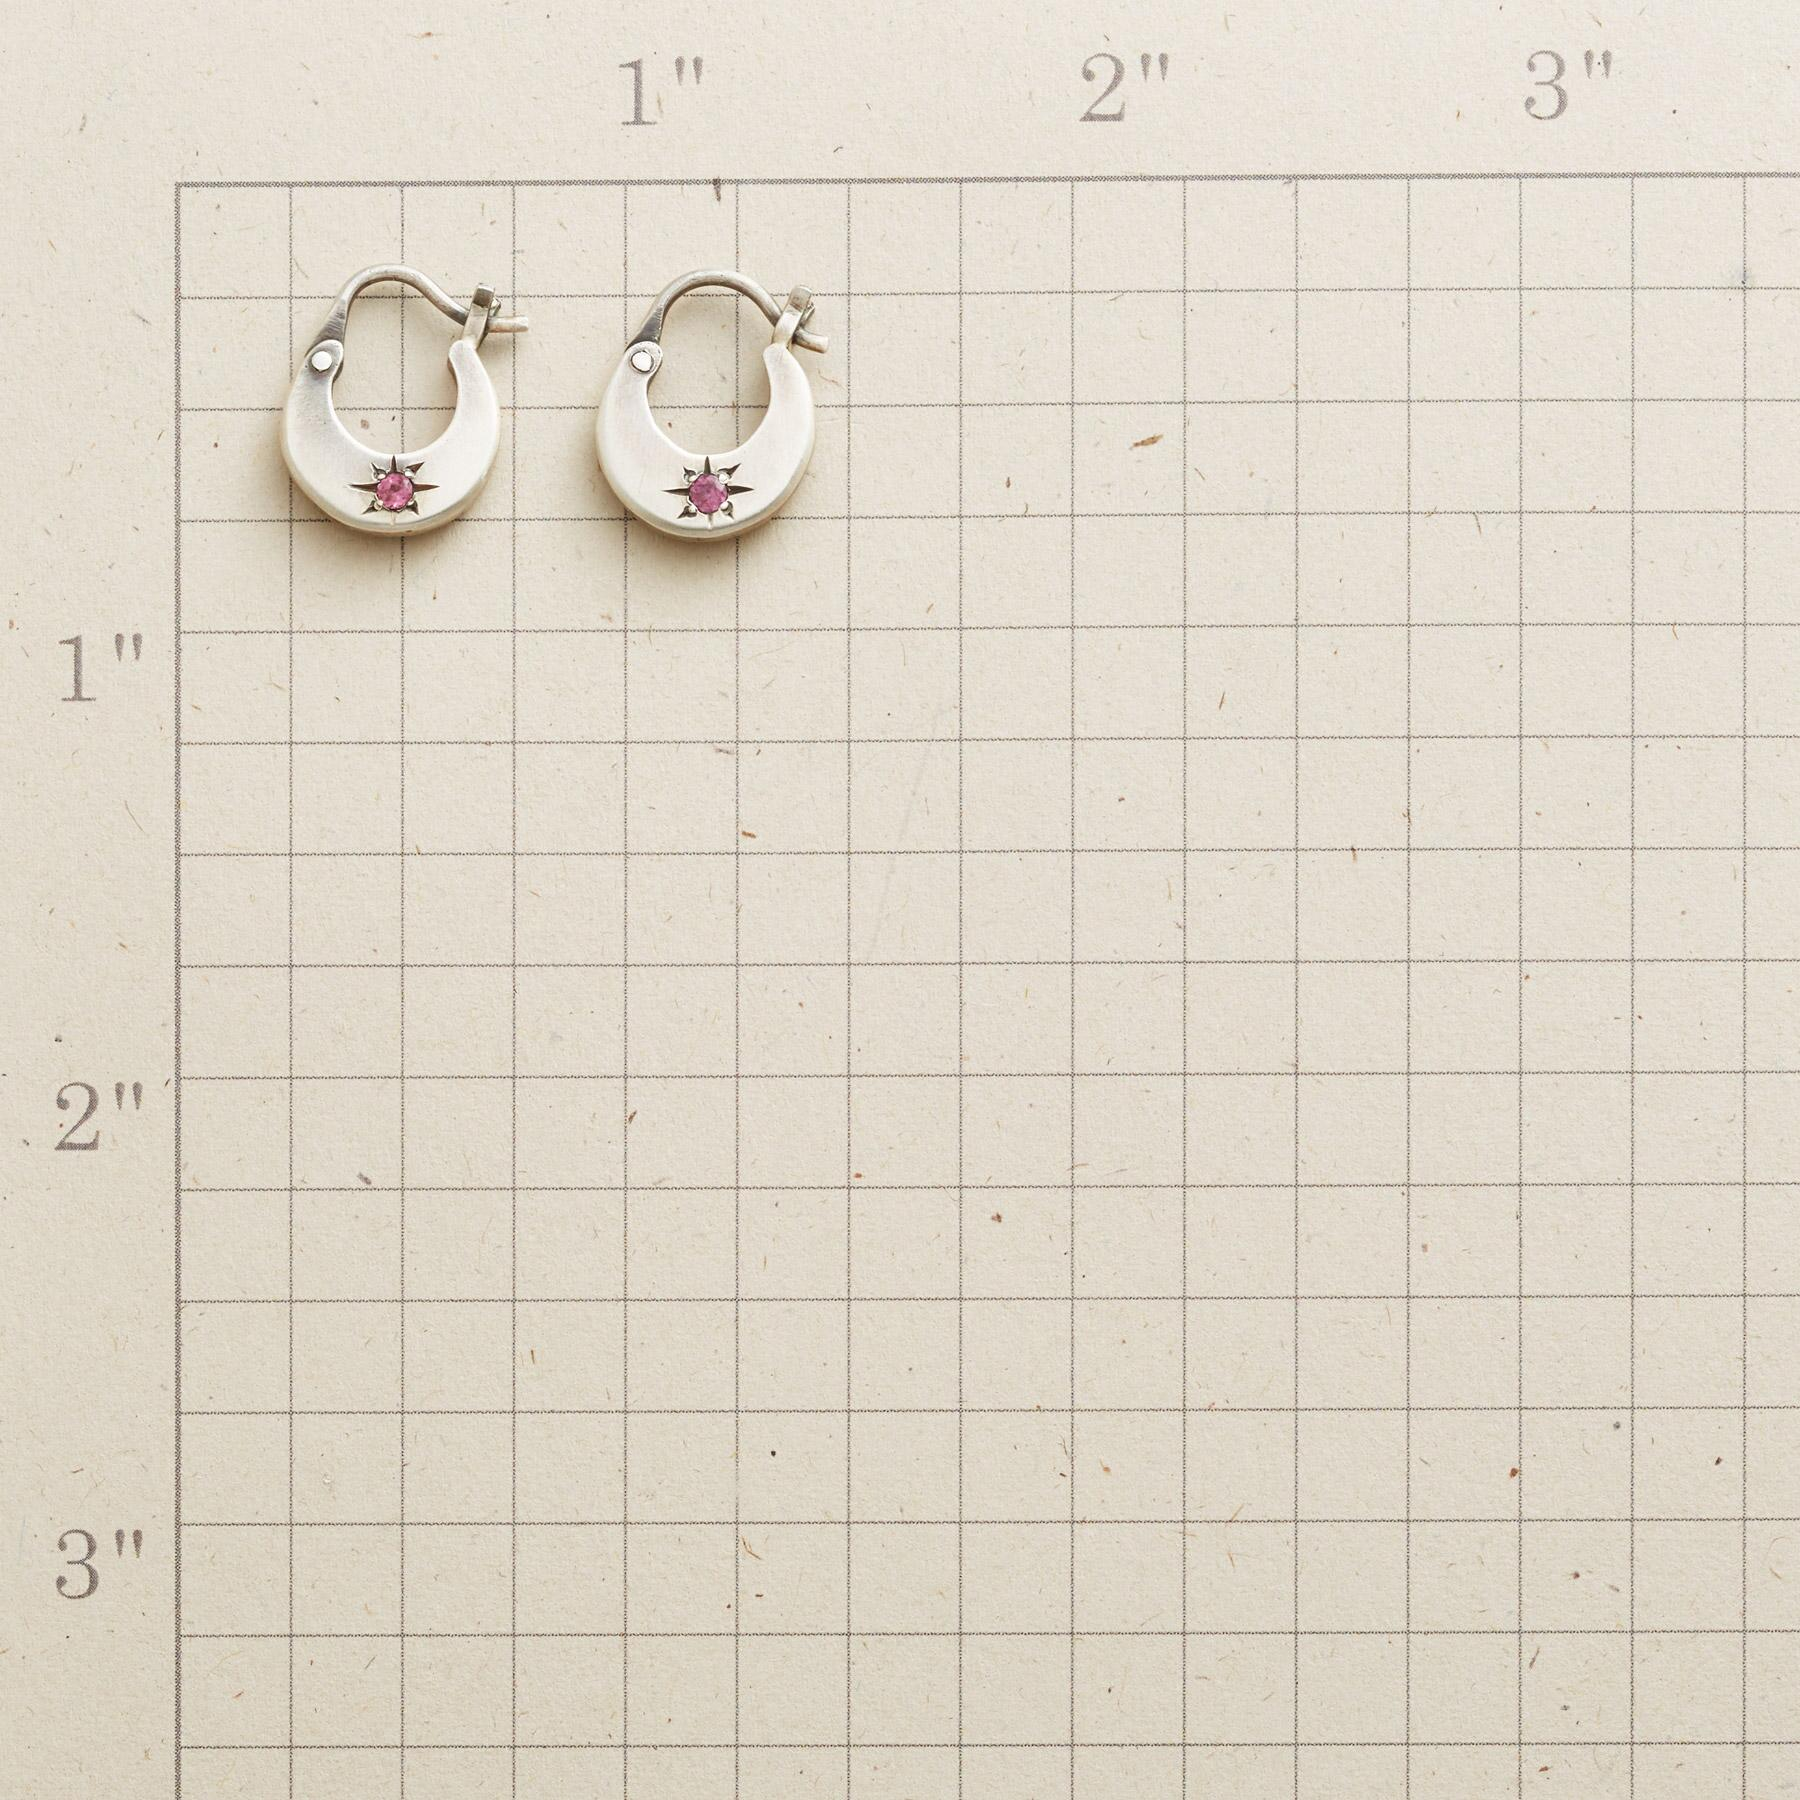 GARNET STARBURST HOOP EARRINGS: View 2